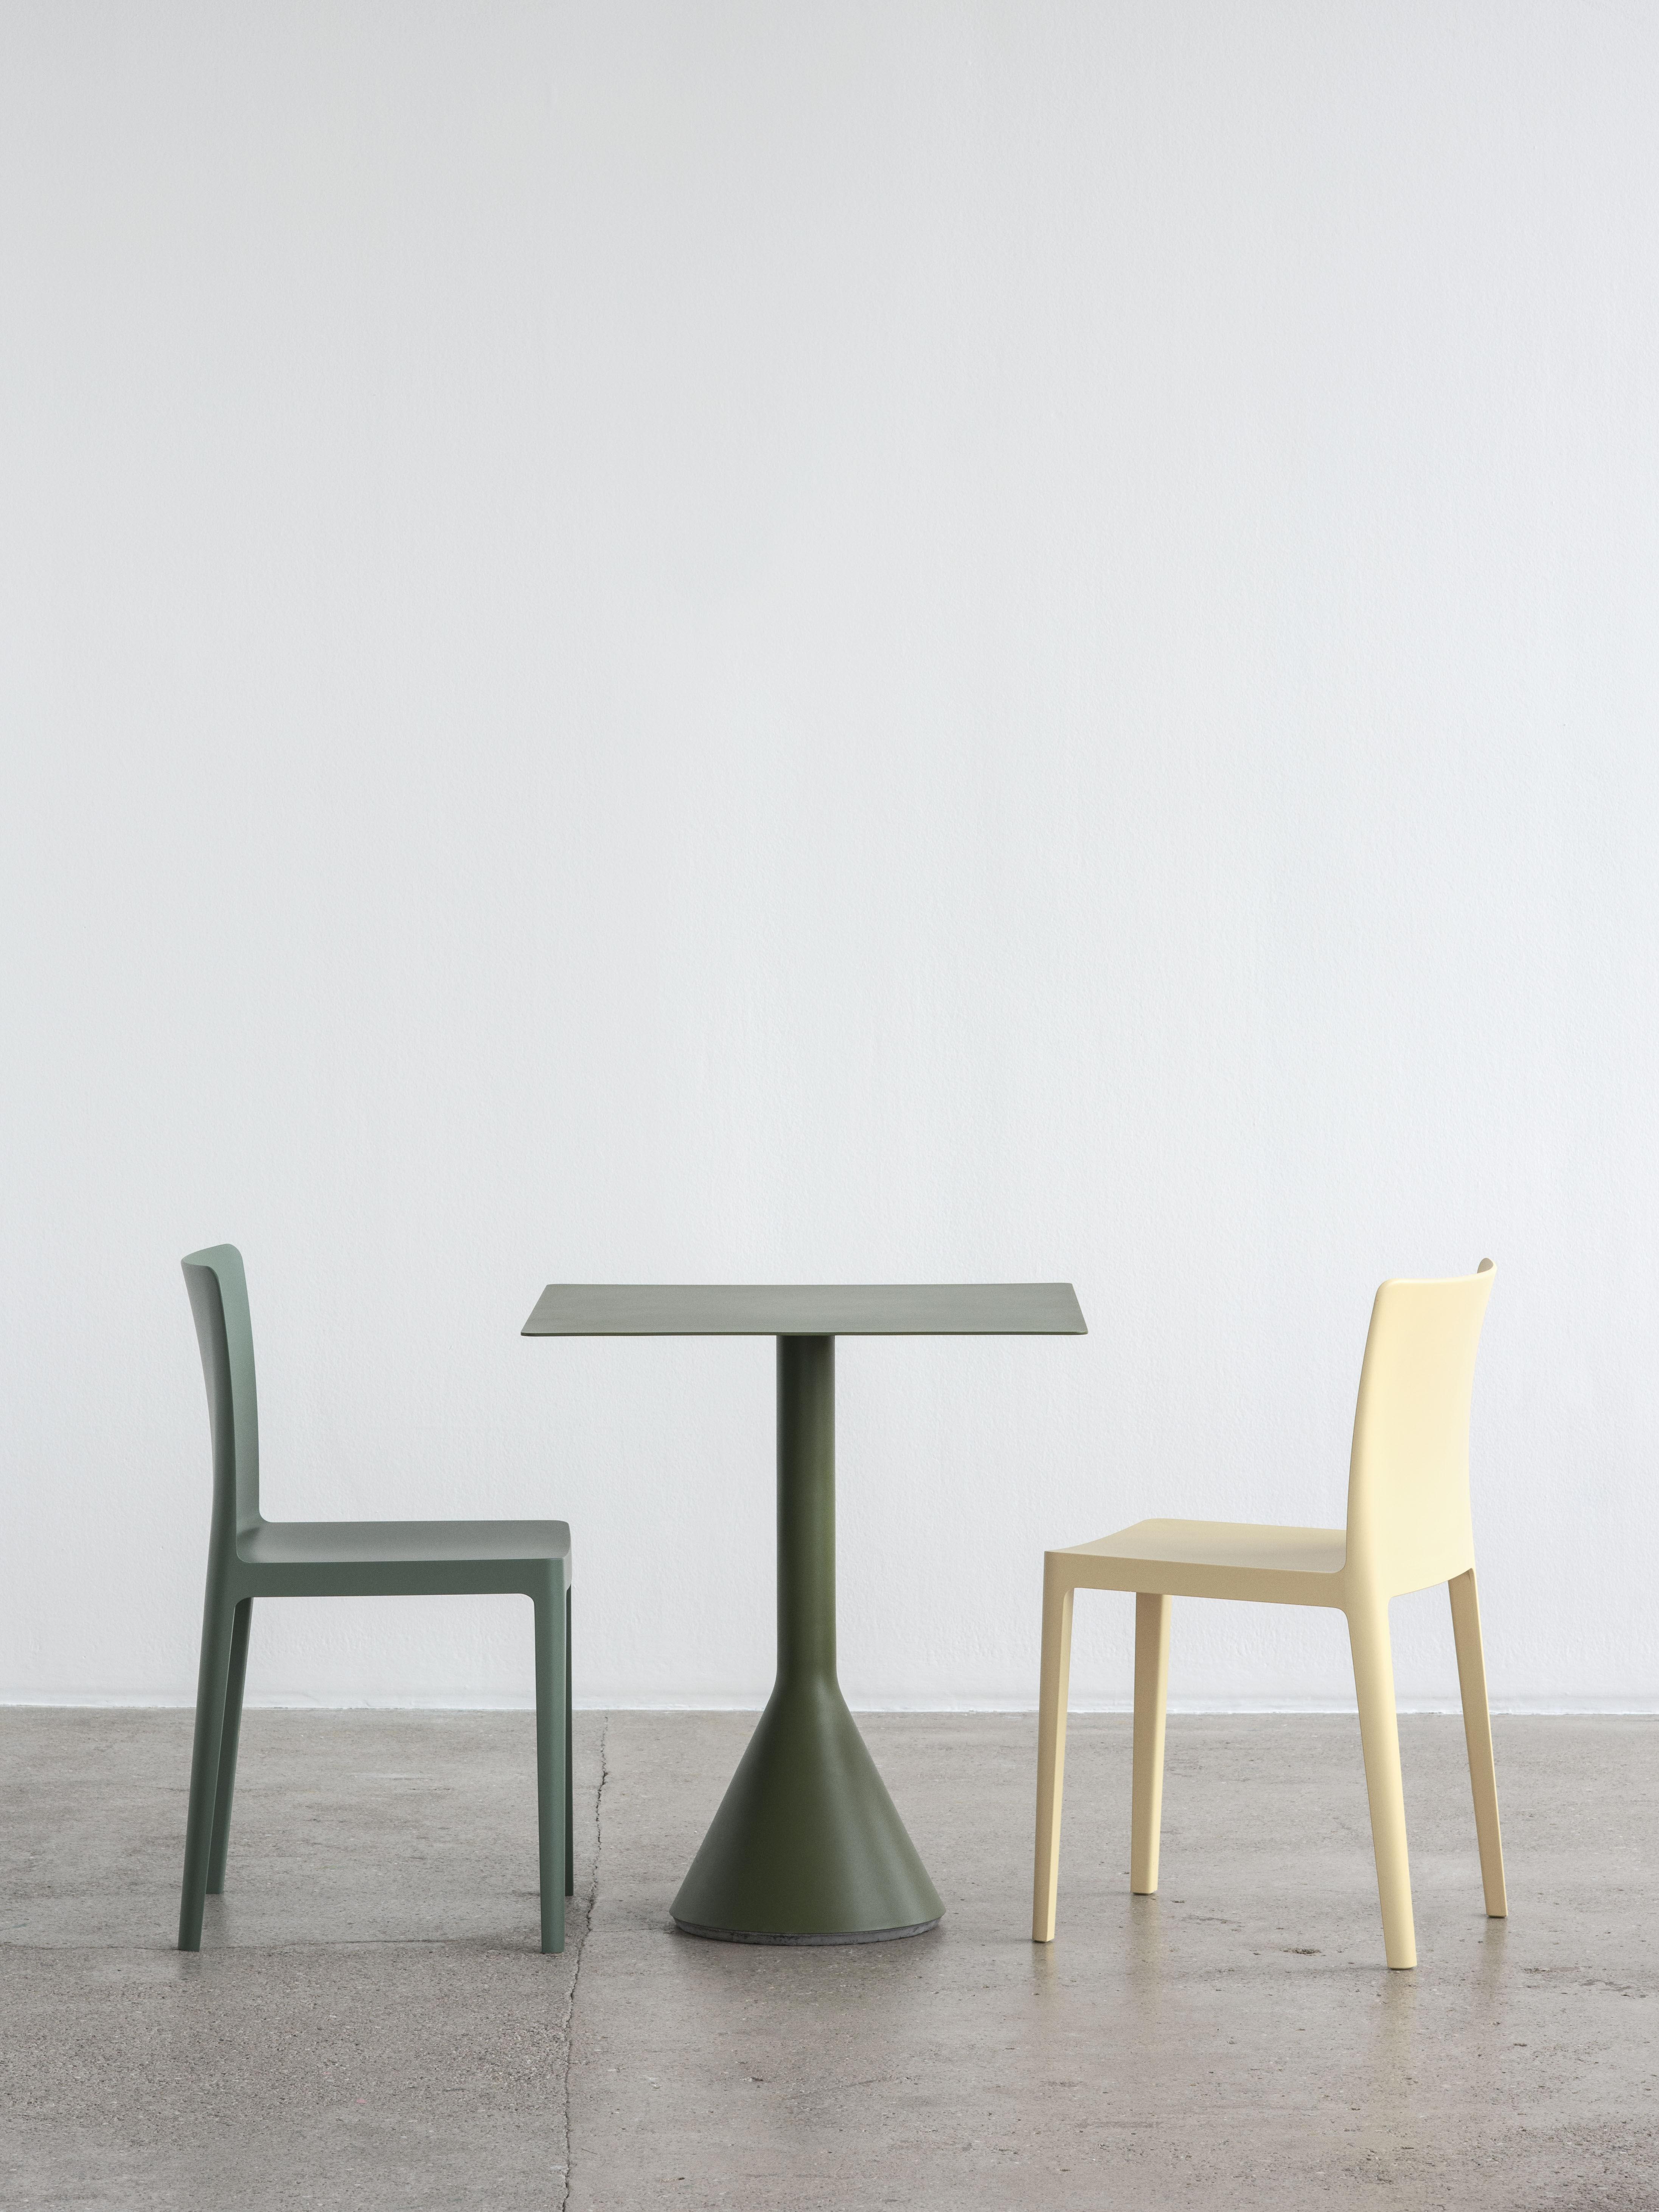 30 Stühle Paar Aus Braunem Leder Vintage Sattler Stühle In 30